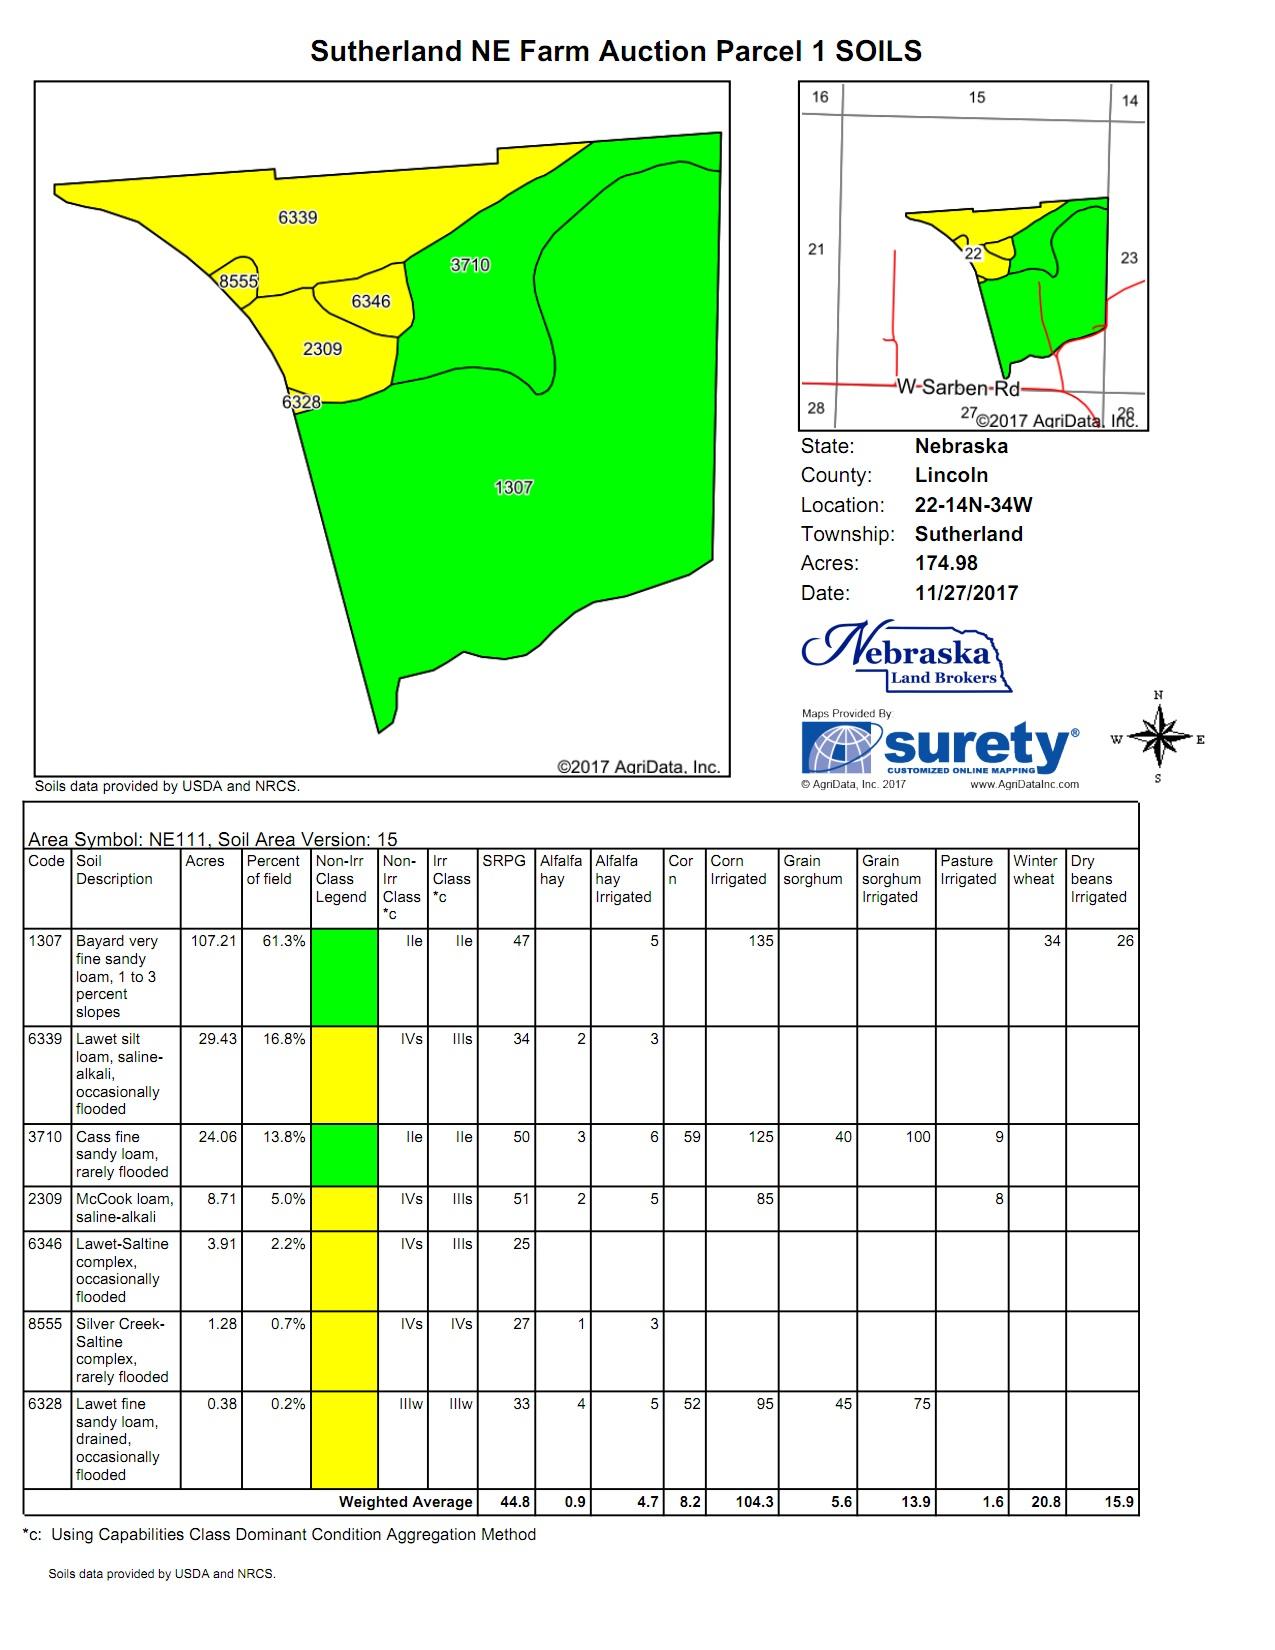 Sutherland NE Auction Parcel 1 Soils of all.jpg